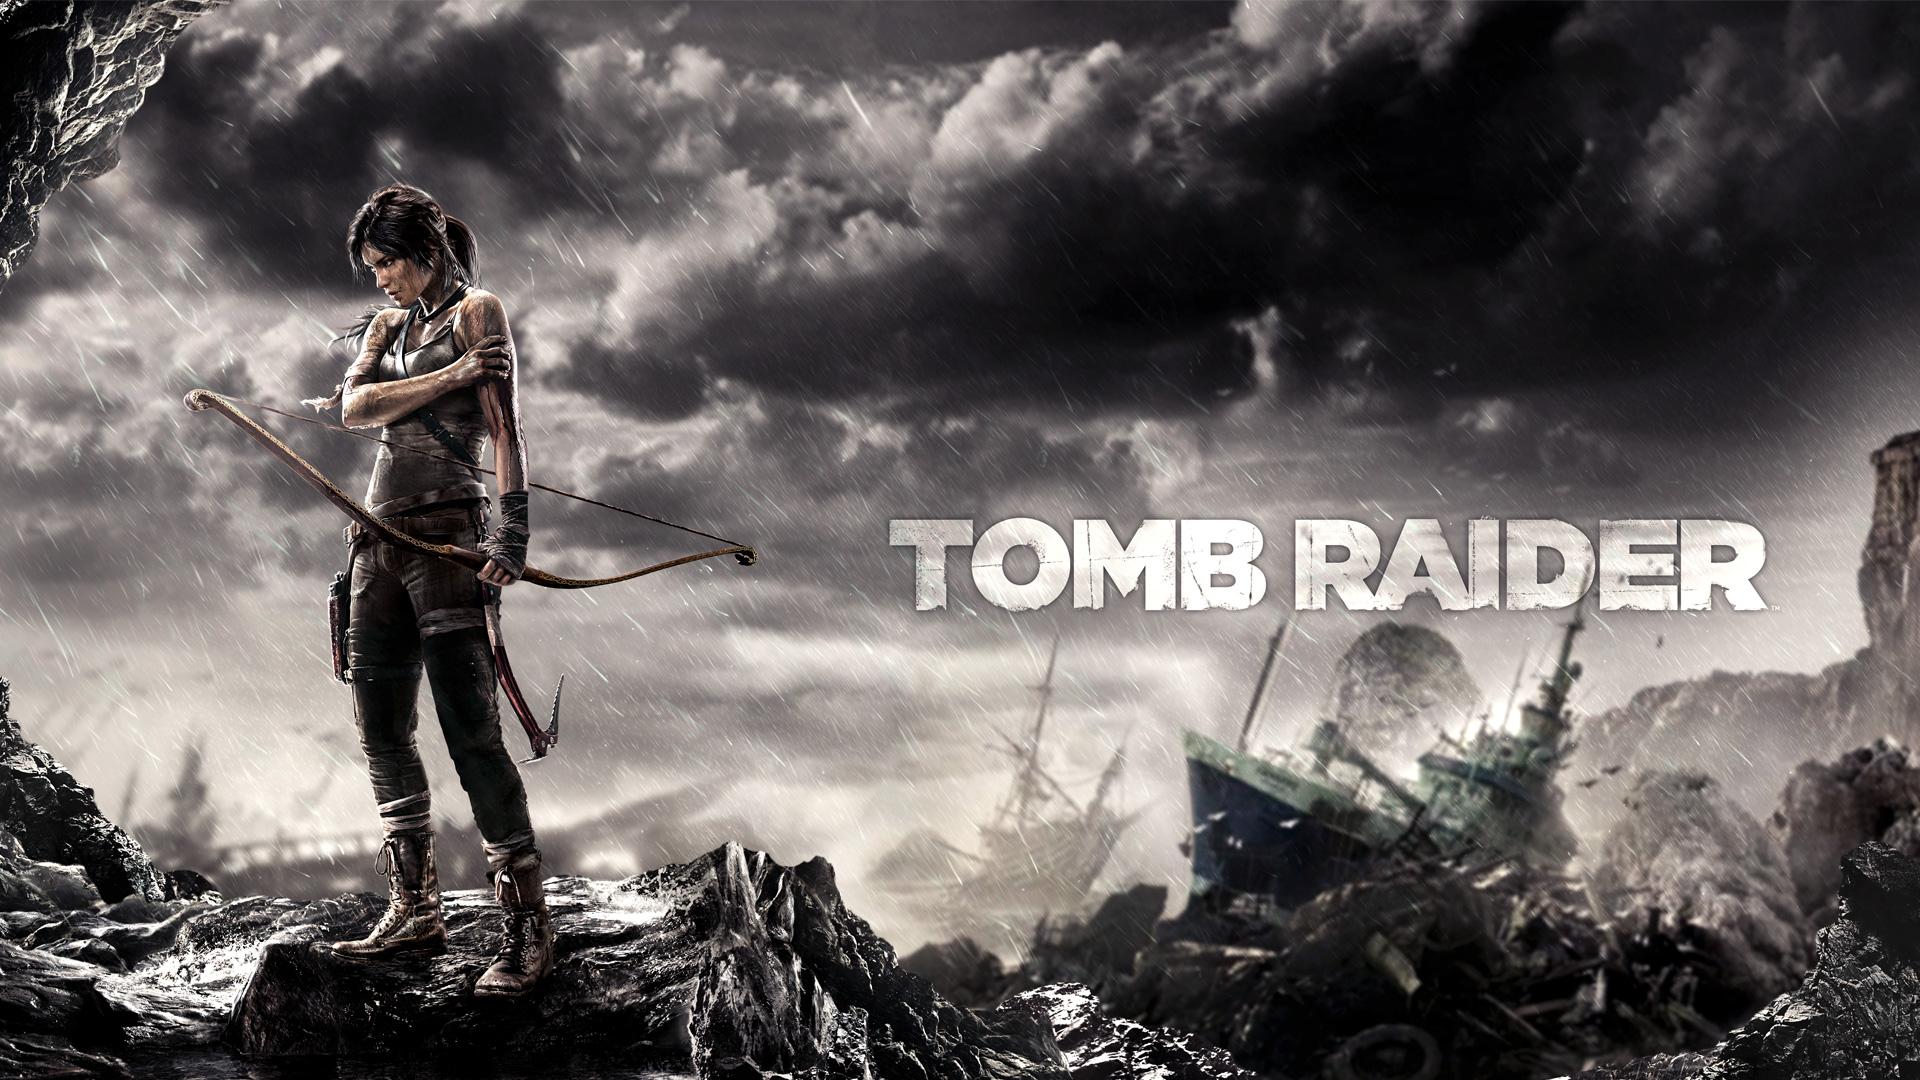 tombraider.jpg